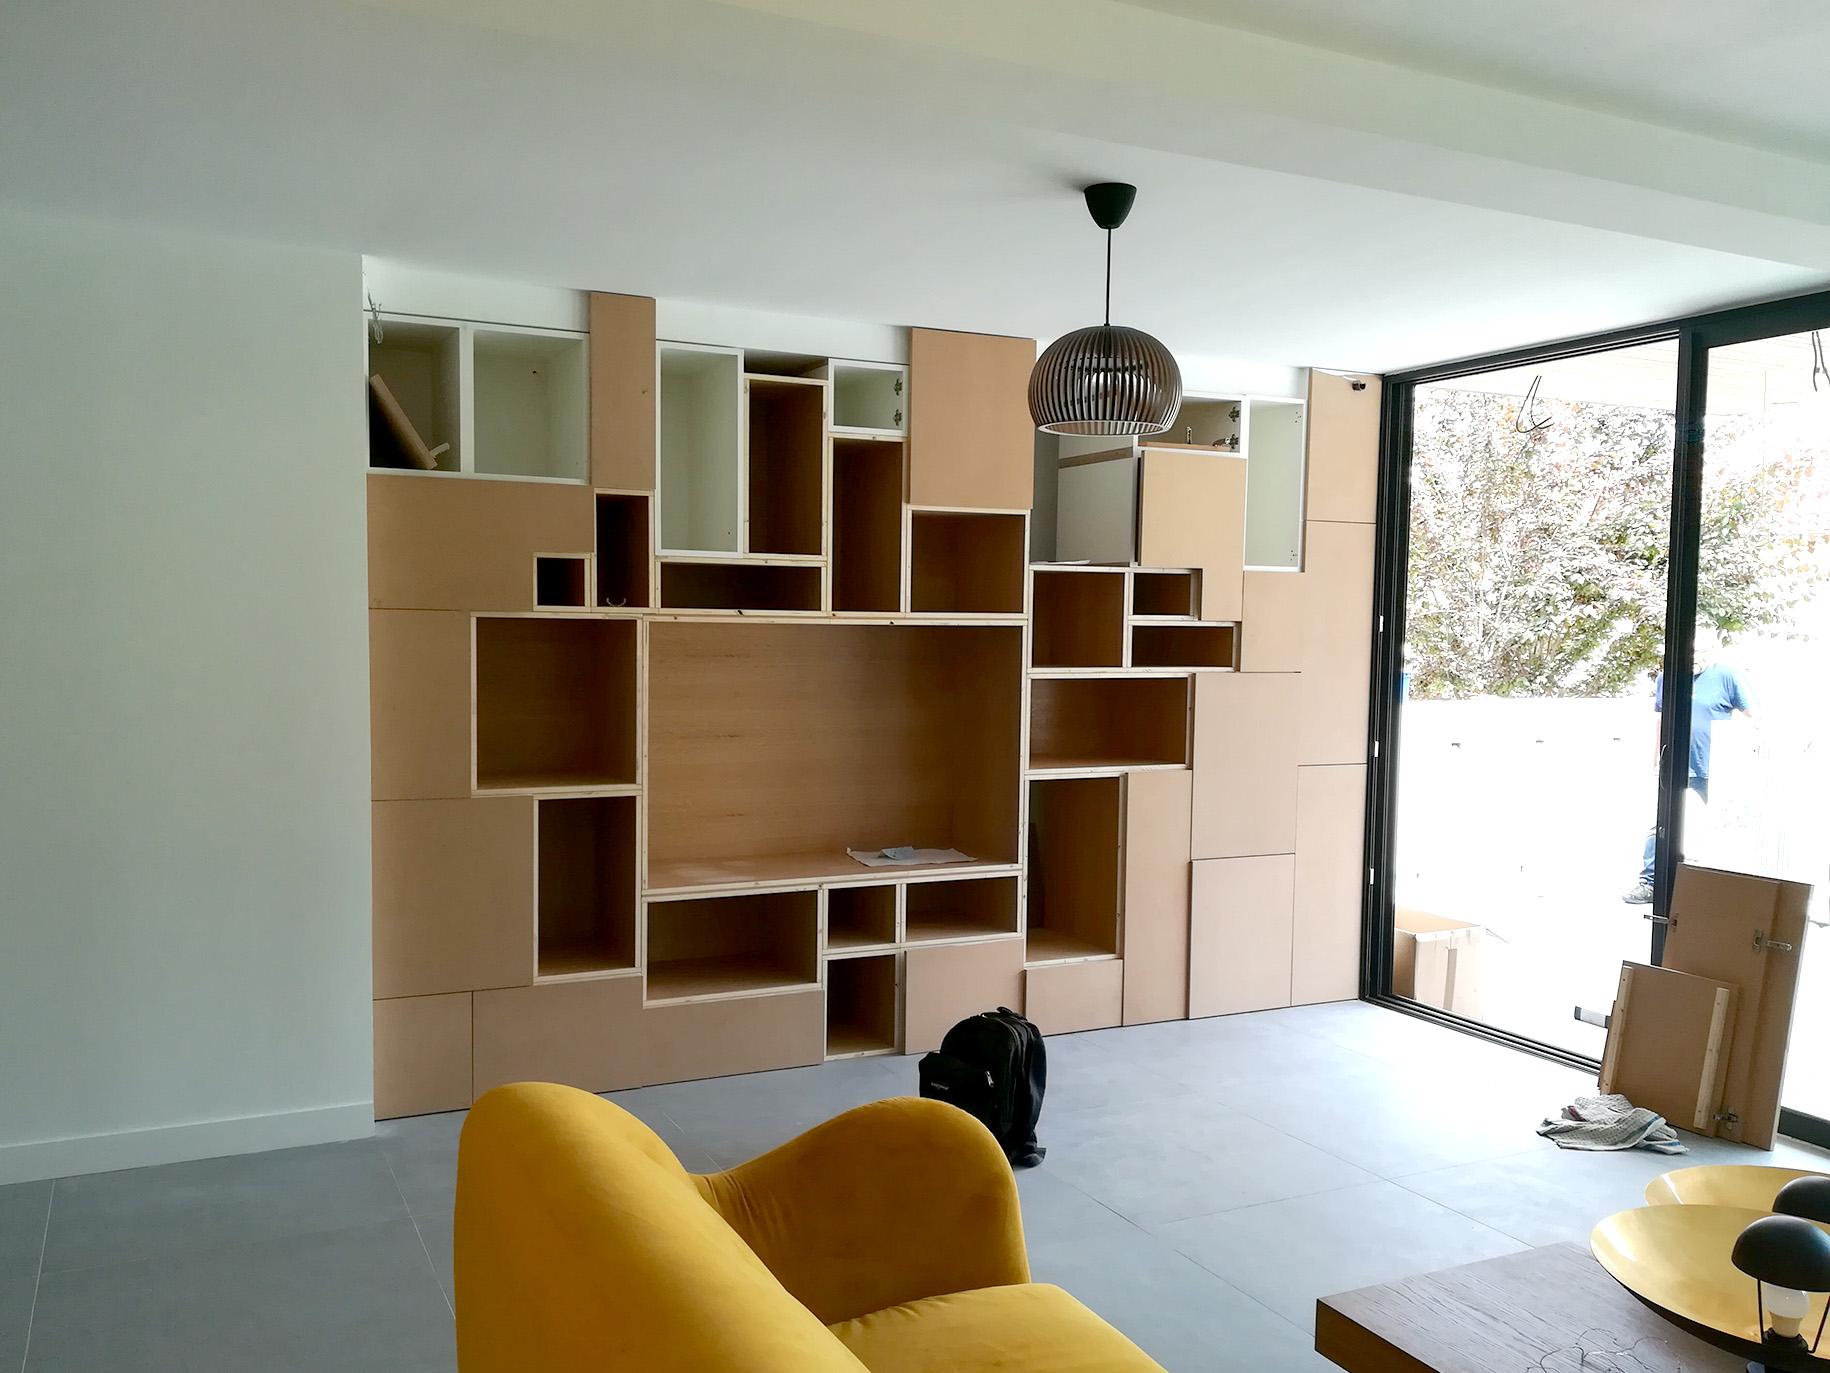 Meuble Sur Mesure Salon conception d'un meuble de salon sur mesure – lhenry cÔtÉ dÉco